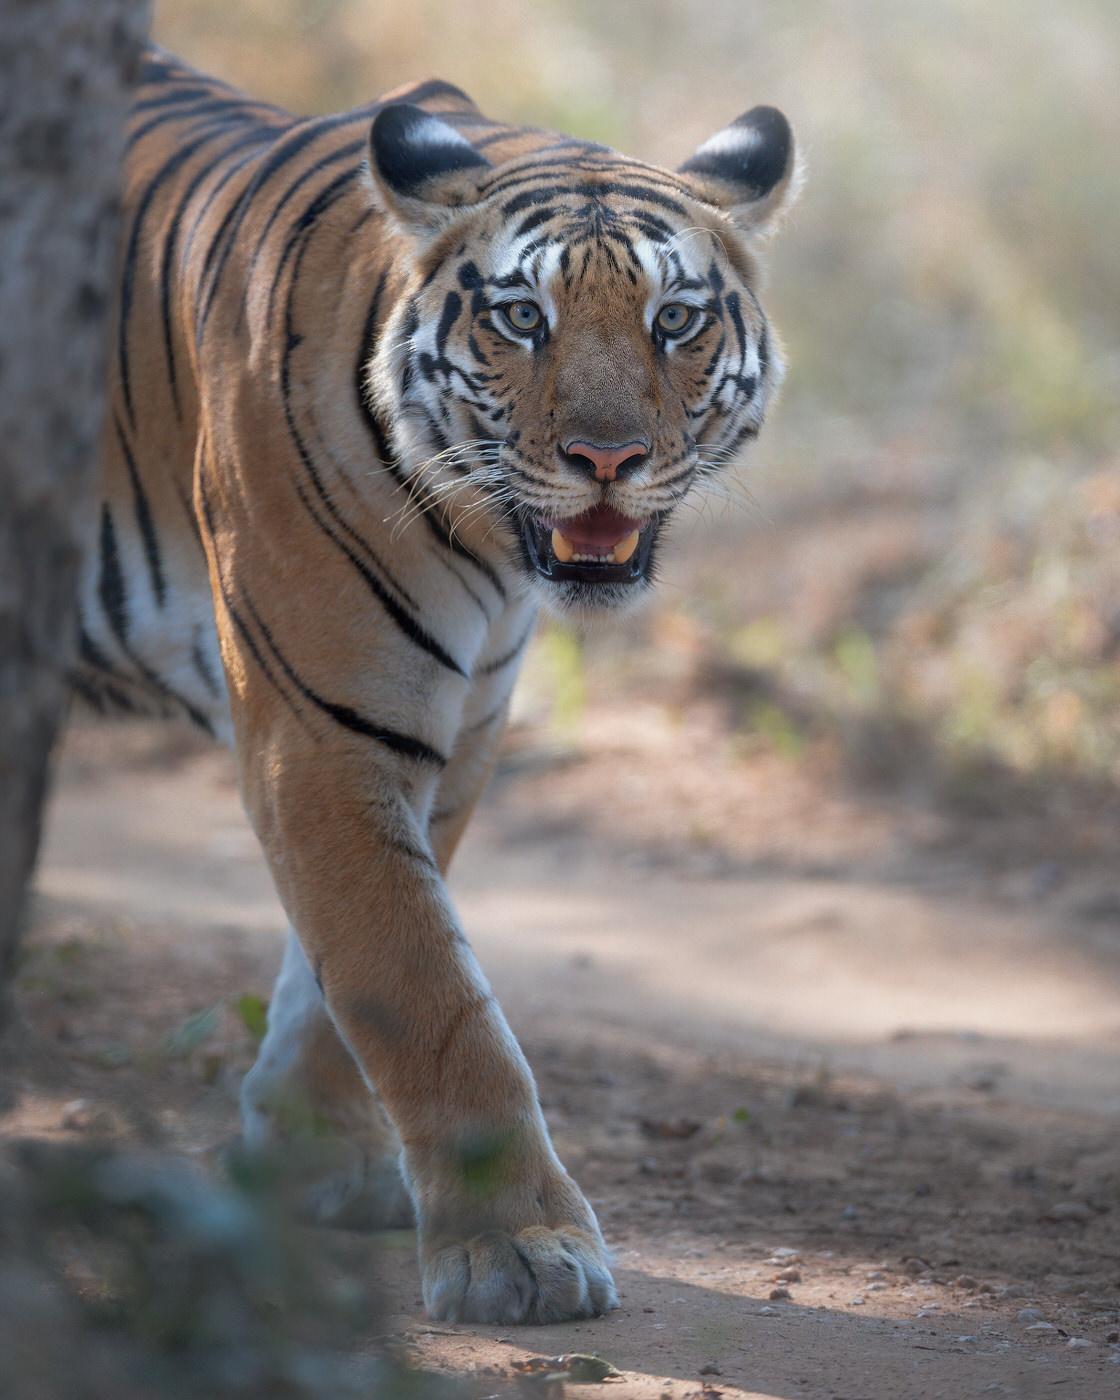 Tigre del bengala fotografia naturalistica in India - Michele Bavassano